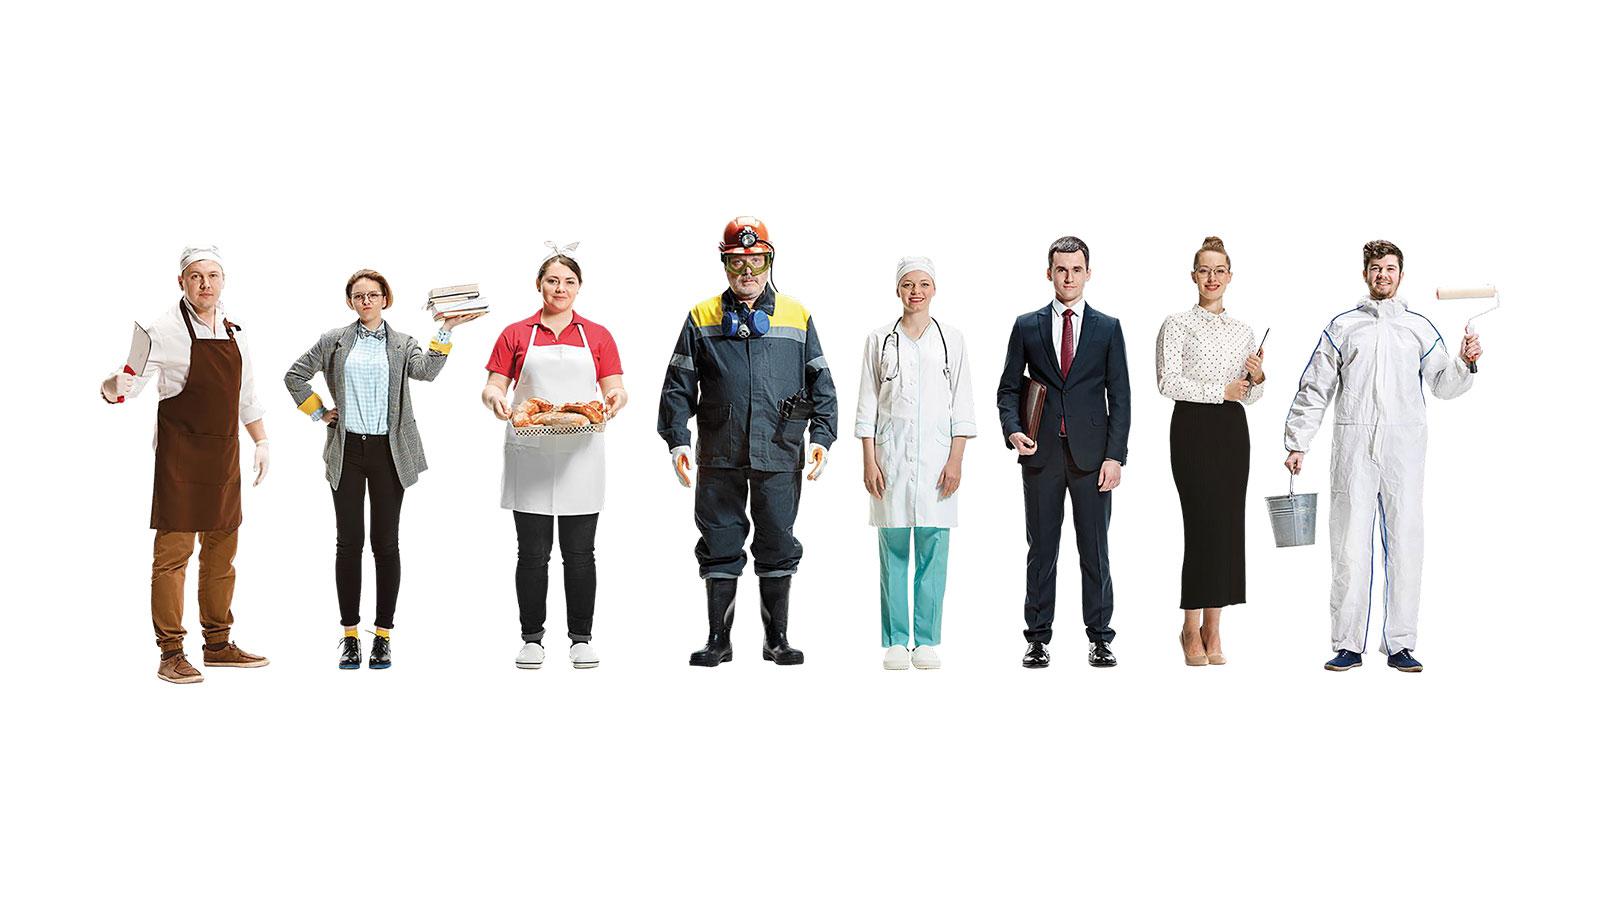 Yli tuhat tarinaa terveydestä ja työkyvystä  – tuloksia yksilövalmennuksista suomalaisissa yrityksissä